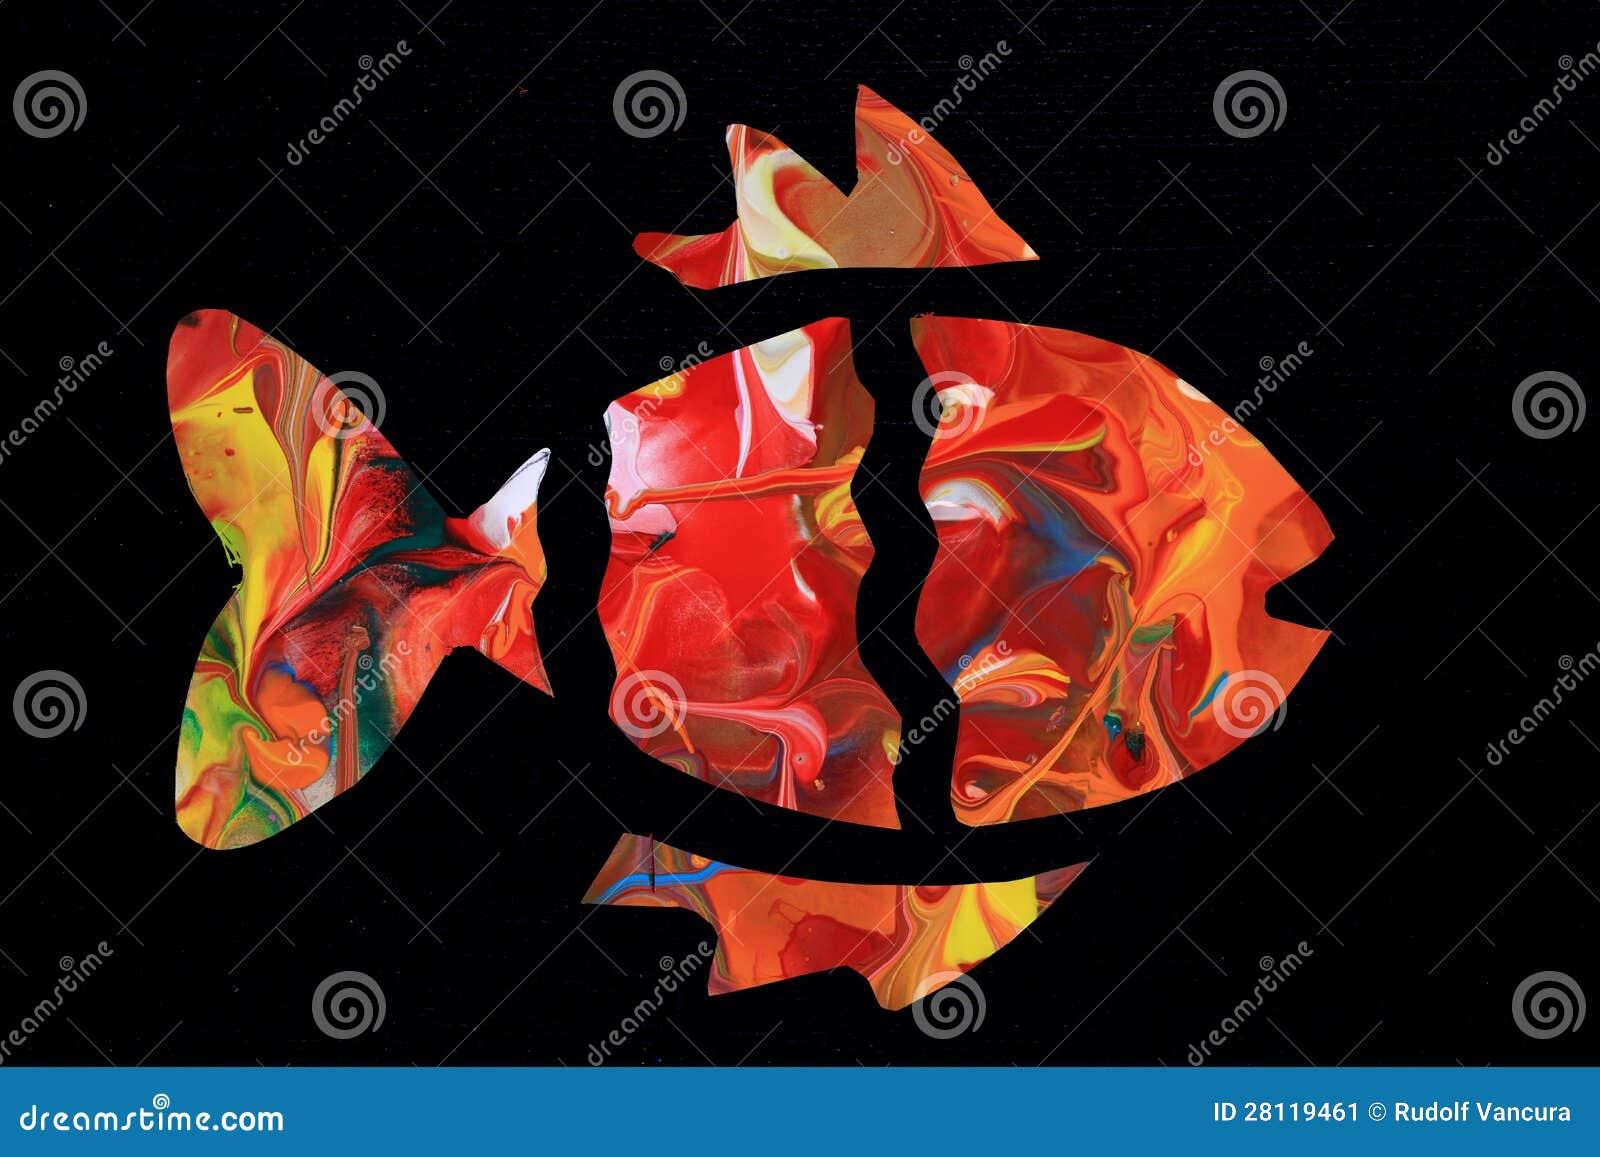 五颜六色的意思_提取五颜六色的鱼